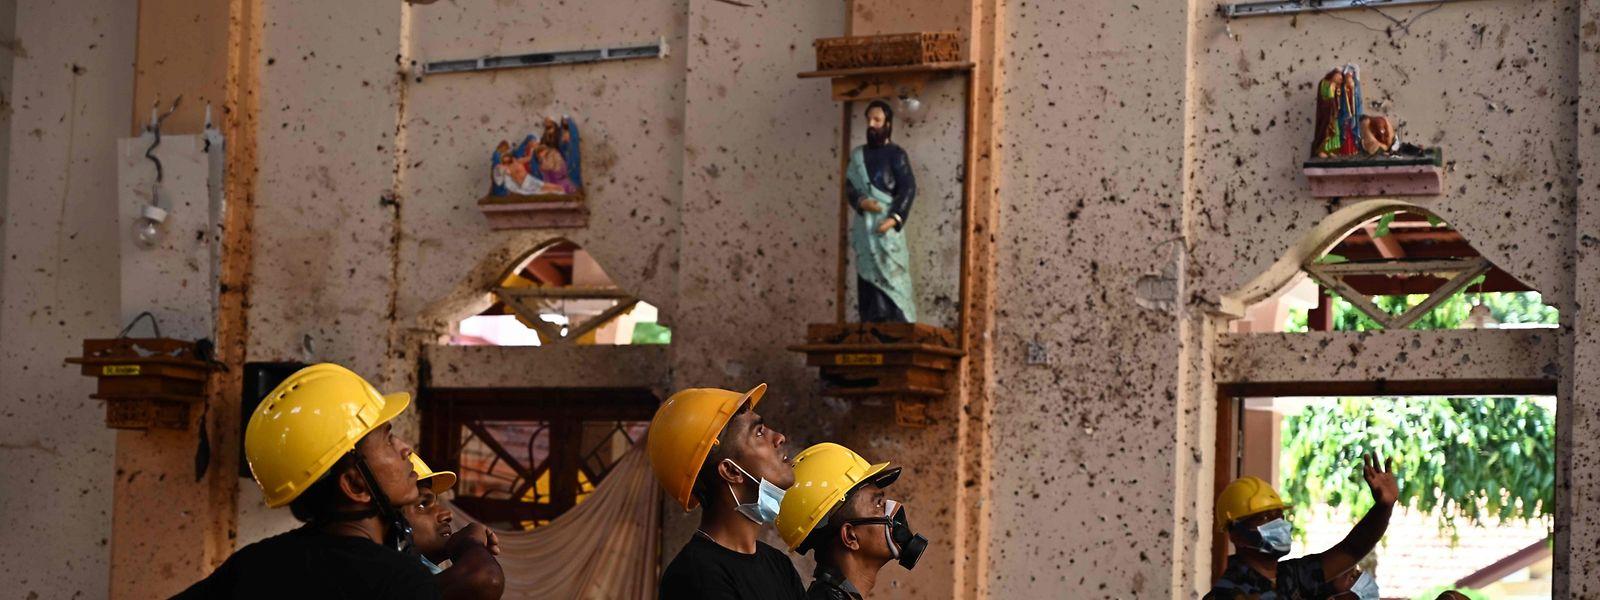 Nach den Attacken herrscht in Sri Lanka ein Bild der Verwüstung.